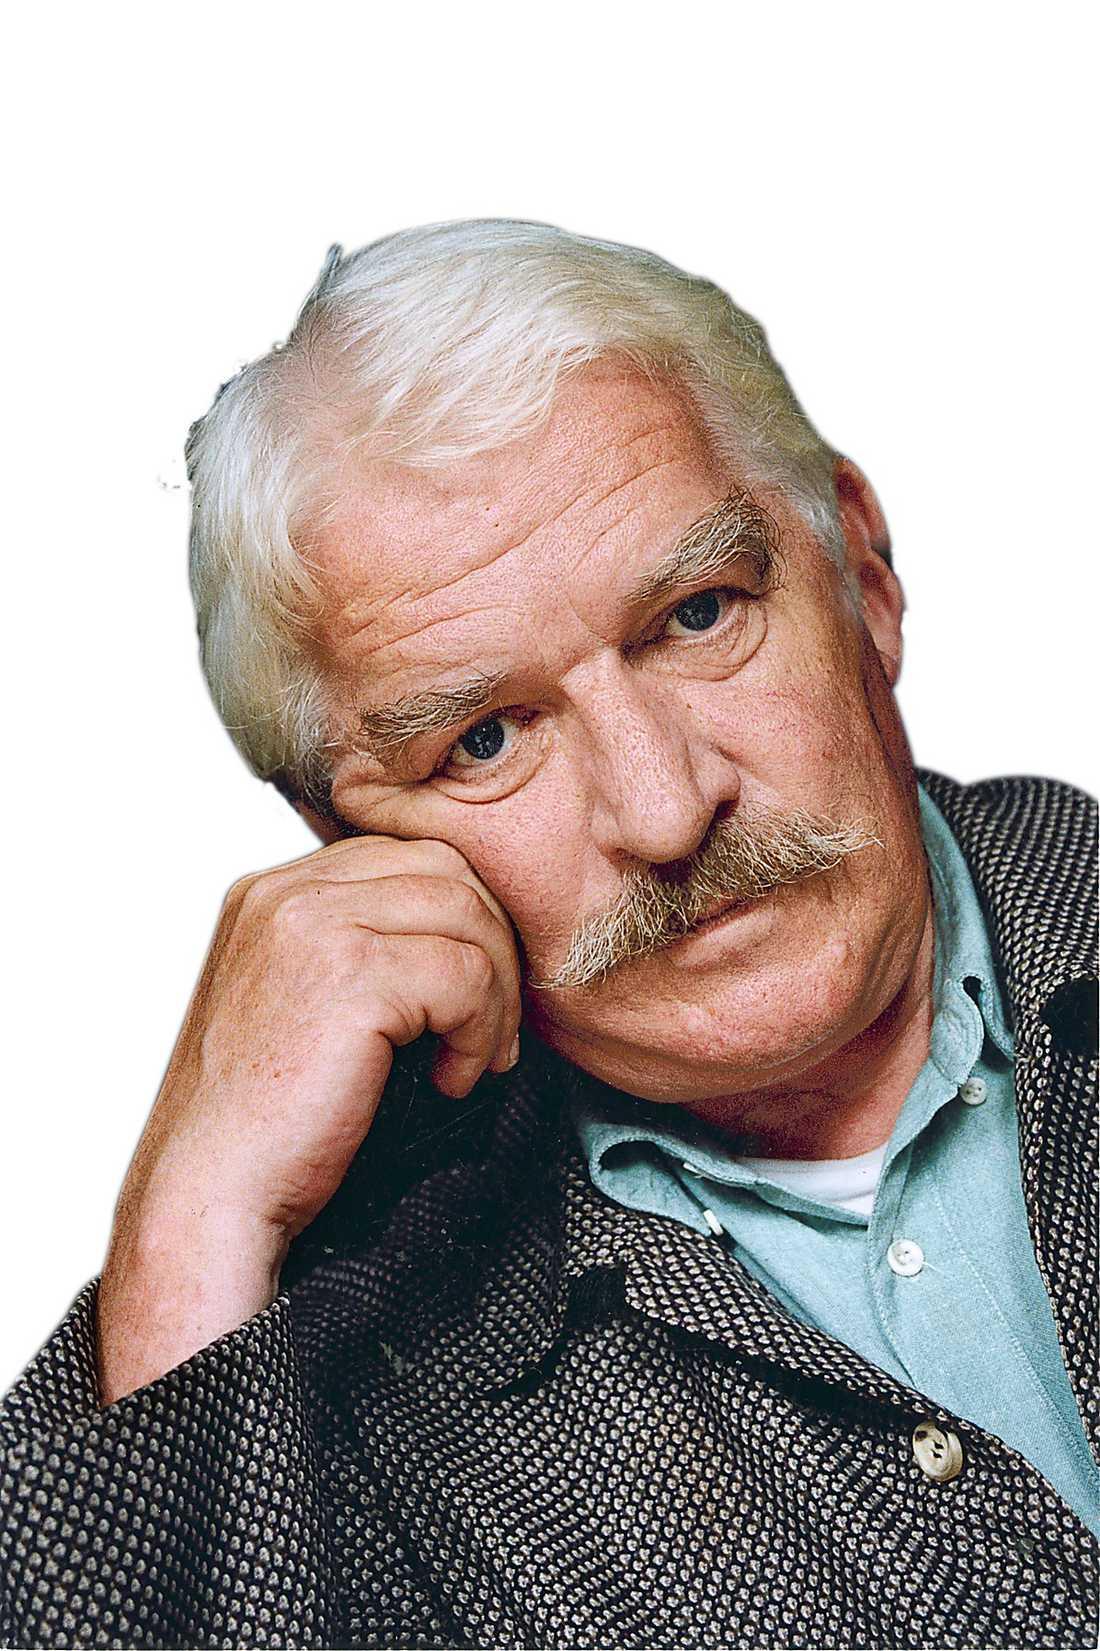 Hans Alfredson, född i Malmö 1931. Regissör, skådespelare, radiomakare, revyartist, författare, Skansenchef och mosebask. I dag fyller han 80 år.